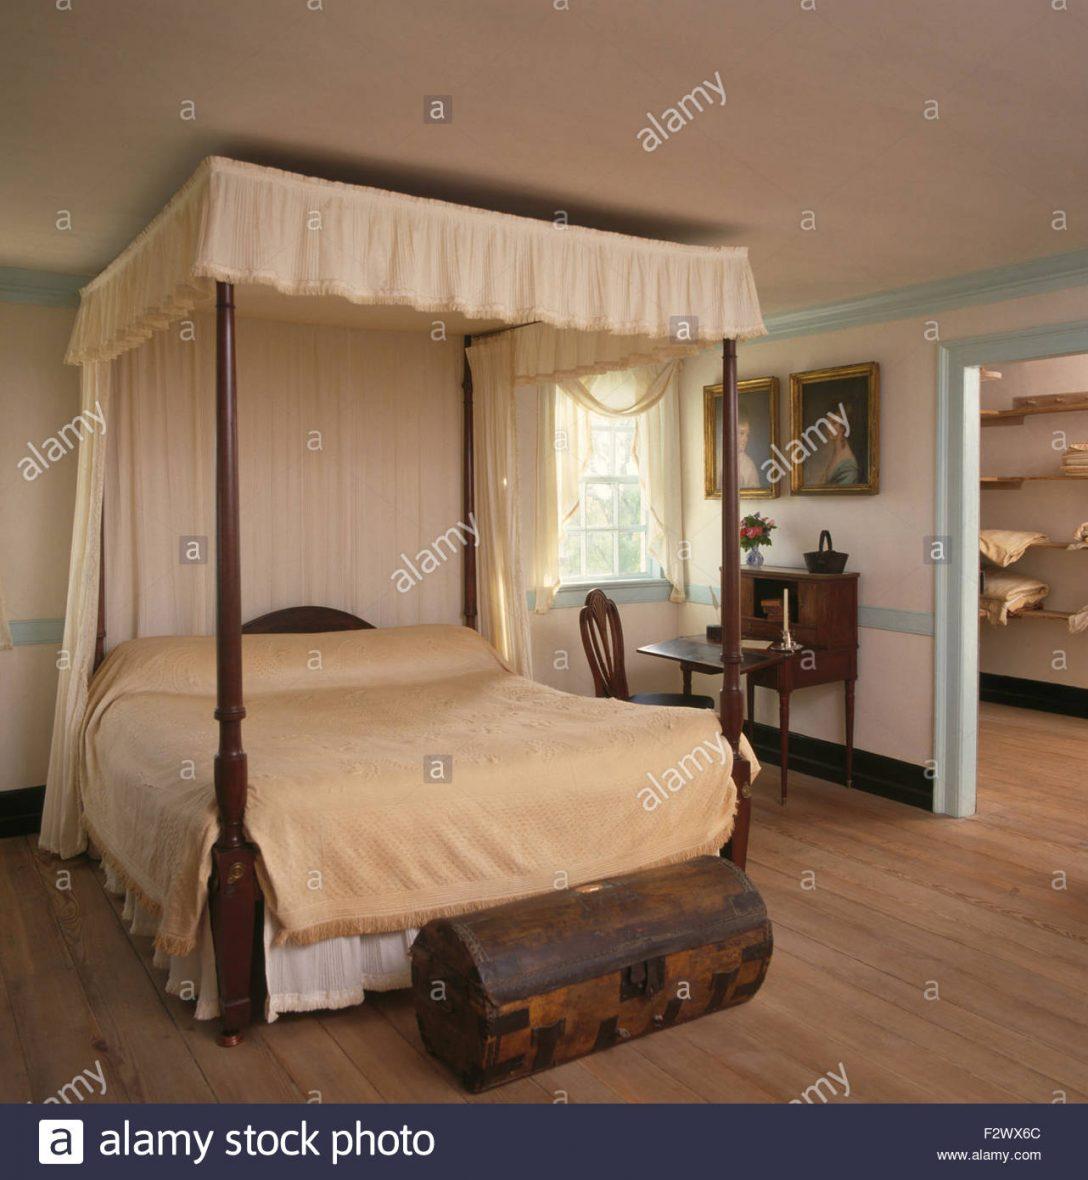 Large Size of Truhe Schlafzimmer Cremefarbene Vorhnge Und Bettwsche Auf Himmelbett Im Land Günstige Komplett Schranksysteme Deckenleuchte Weißes Vorhänge Set Mit Schlafzimmer Truhe Schlafzimmer